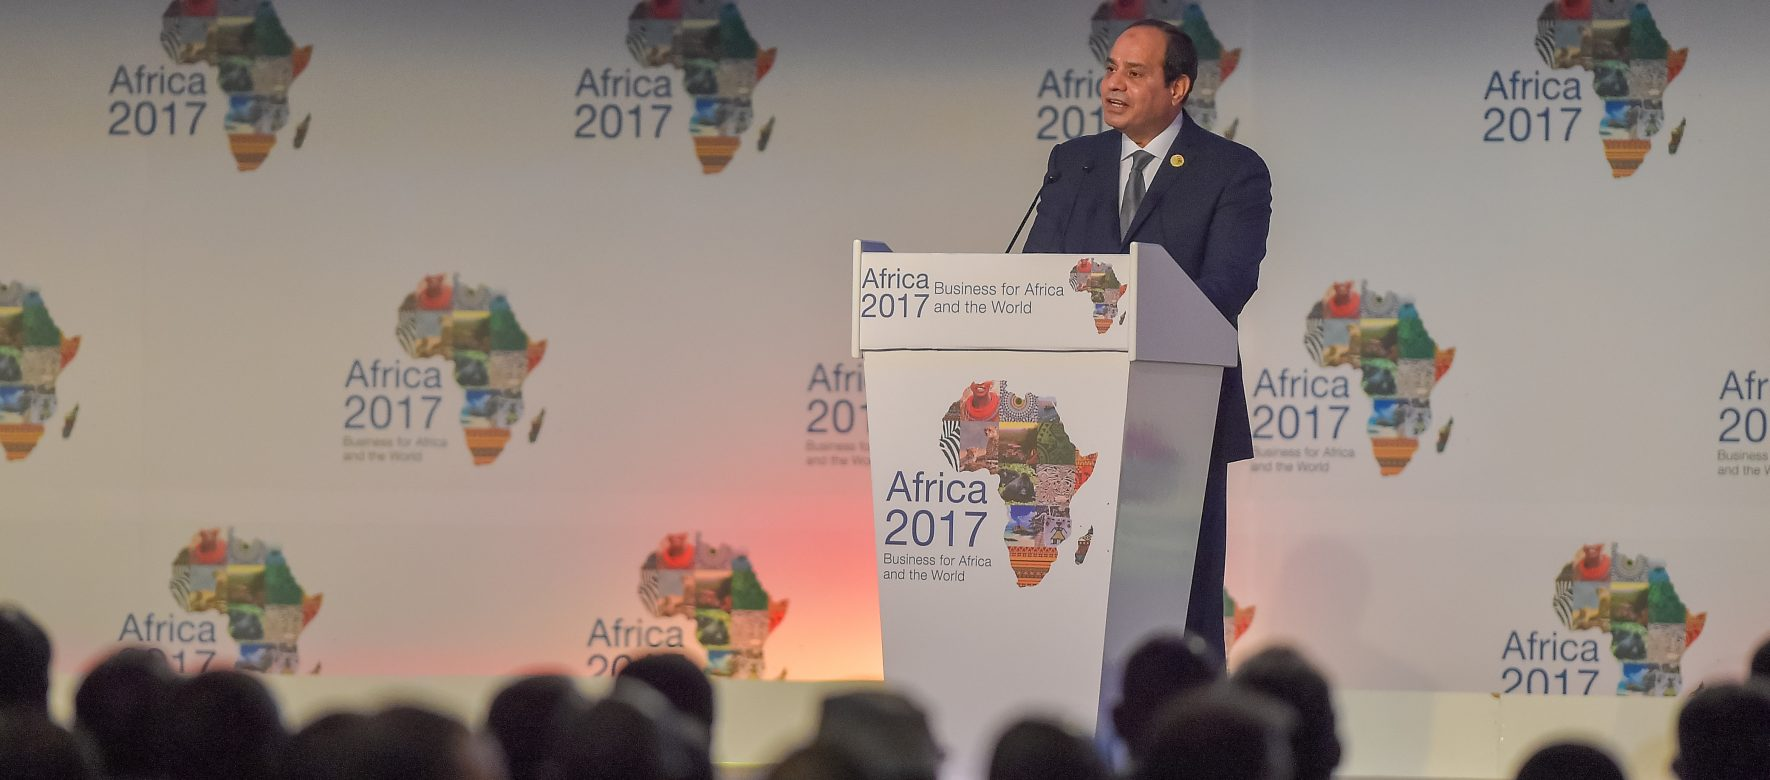 L'Egypte : leader de l'investissement en Afrique ?